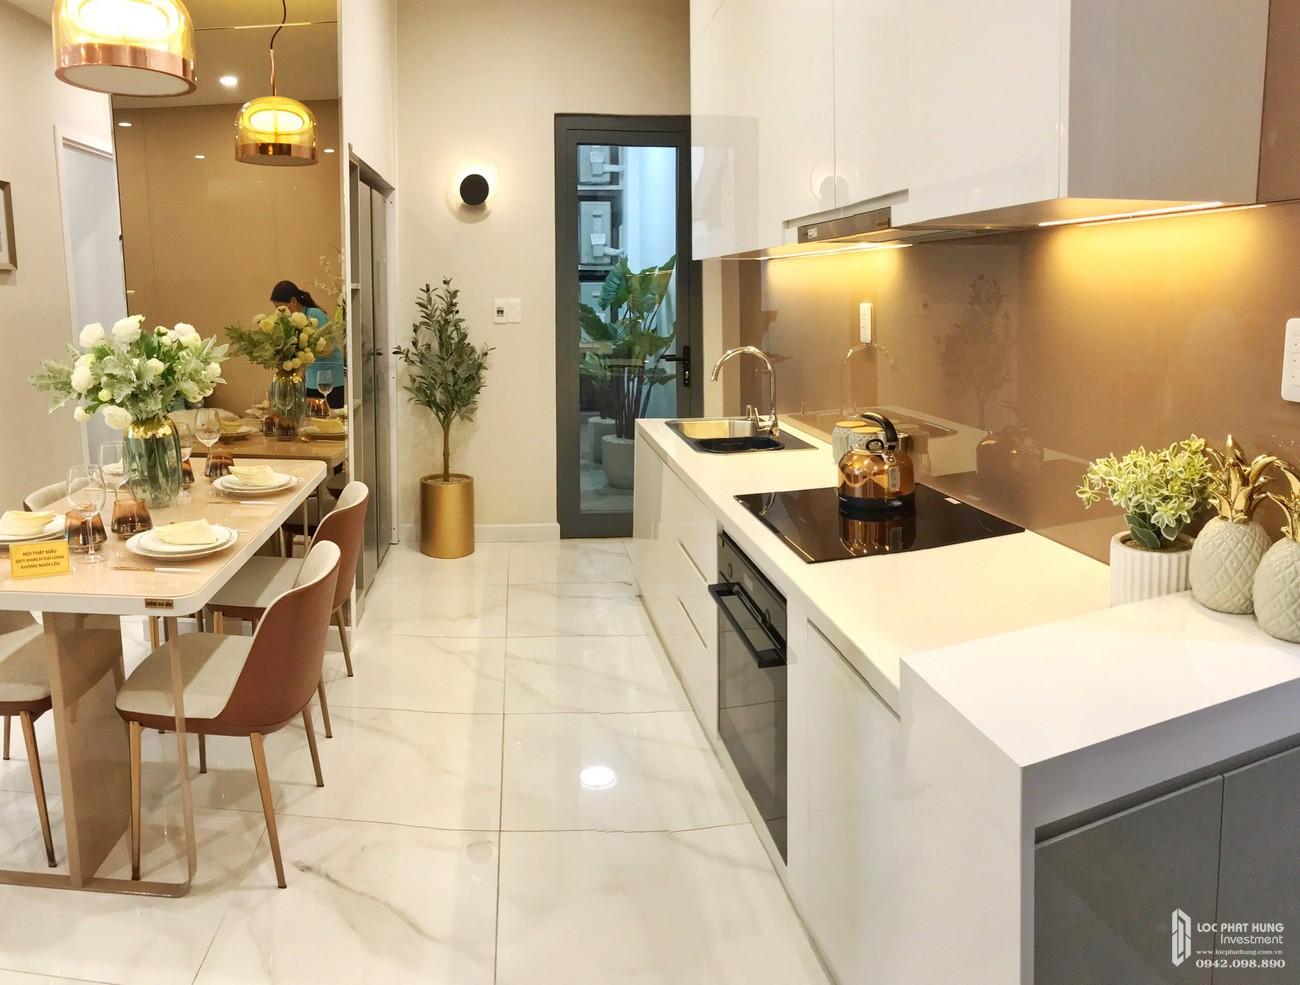 Nhà mẫu dự án căn hộ chung cư Precia Quận 2 Đường Nguyễn Thị Định chủ đầu tư Minh Thông